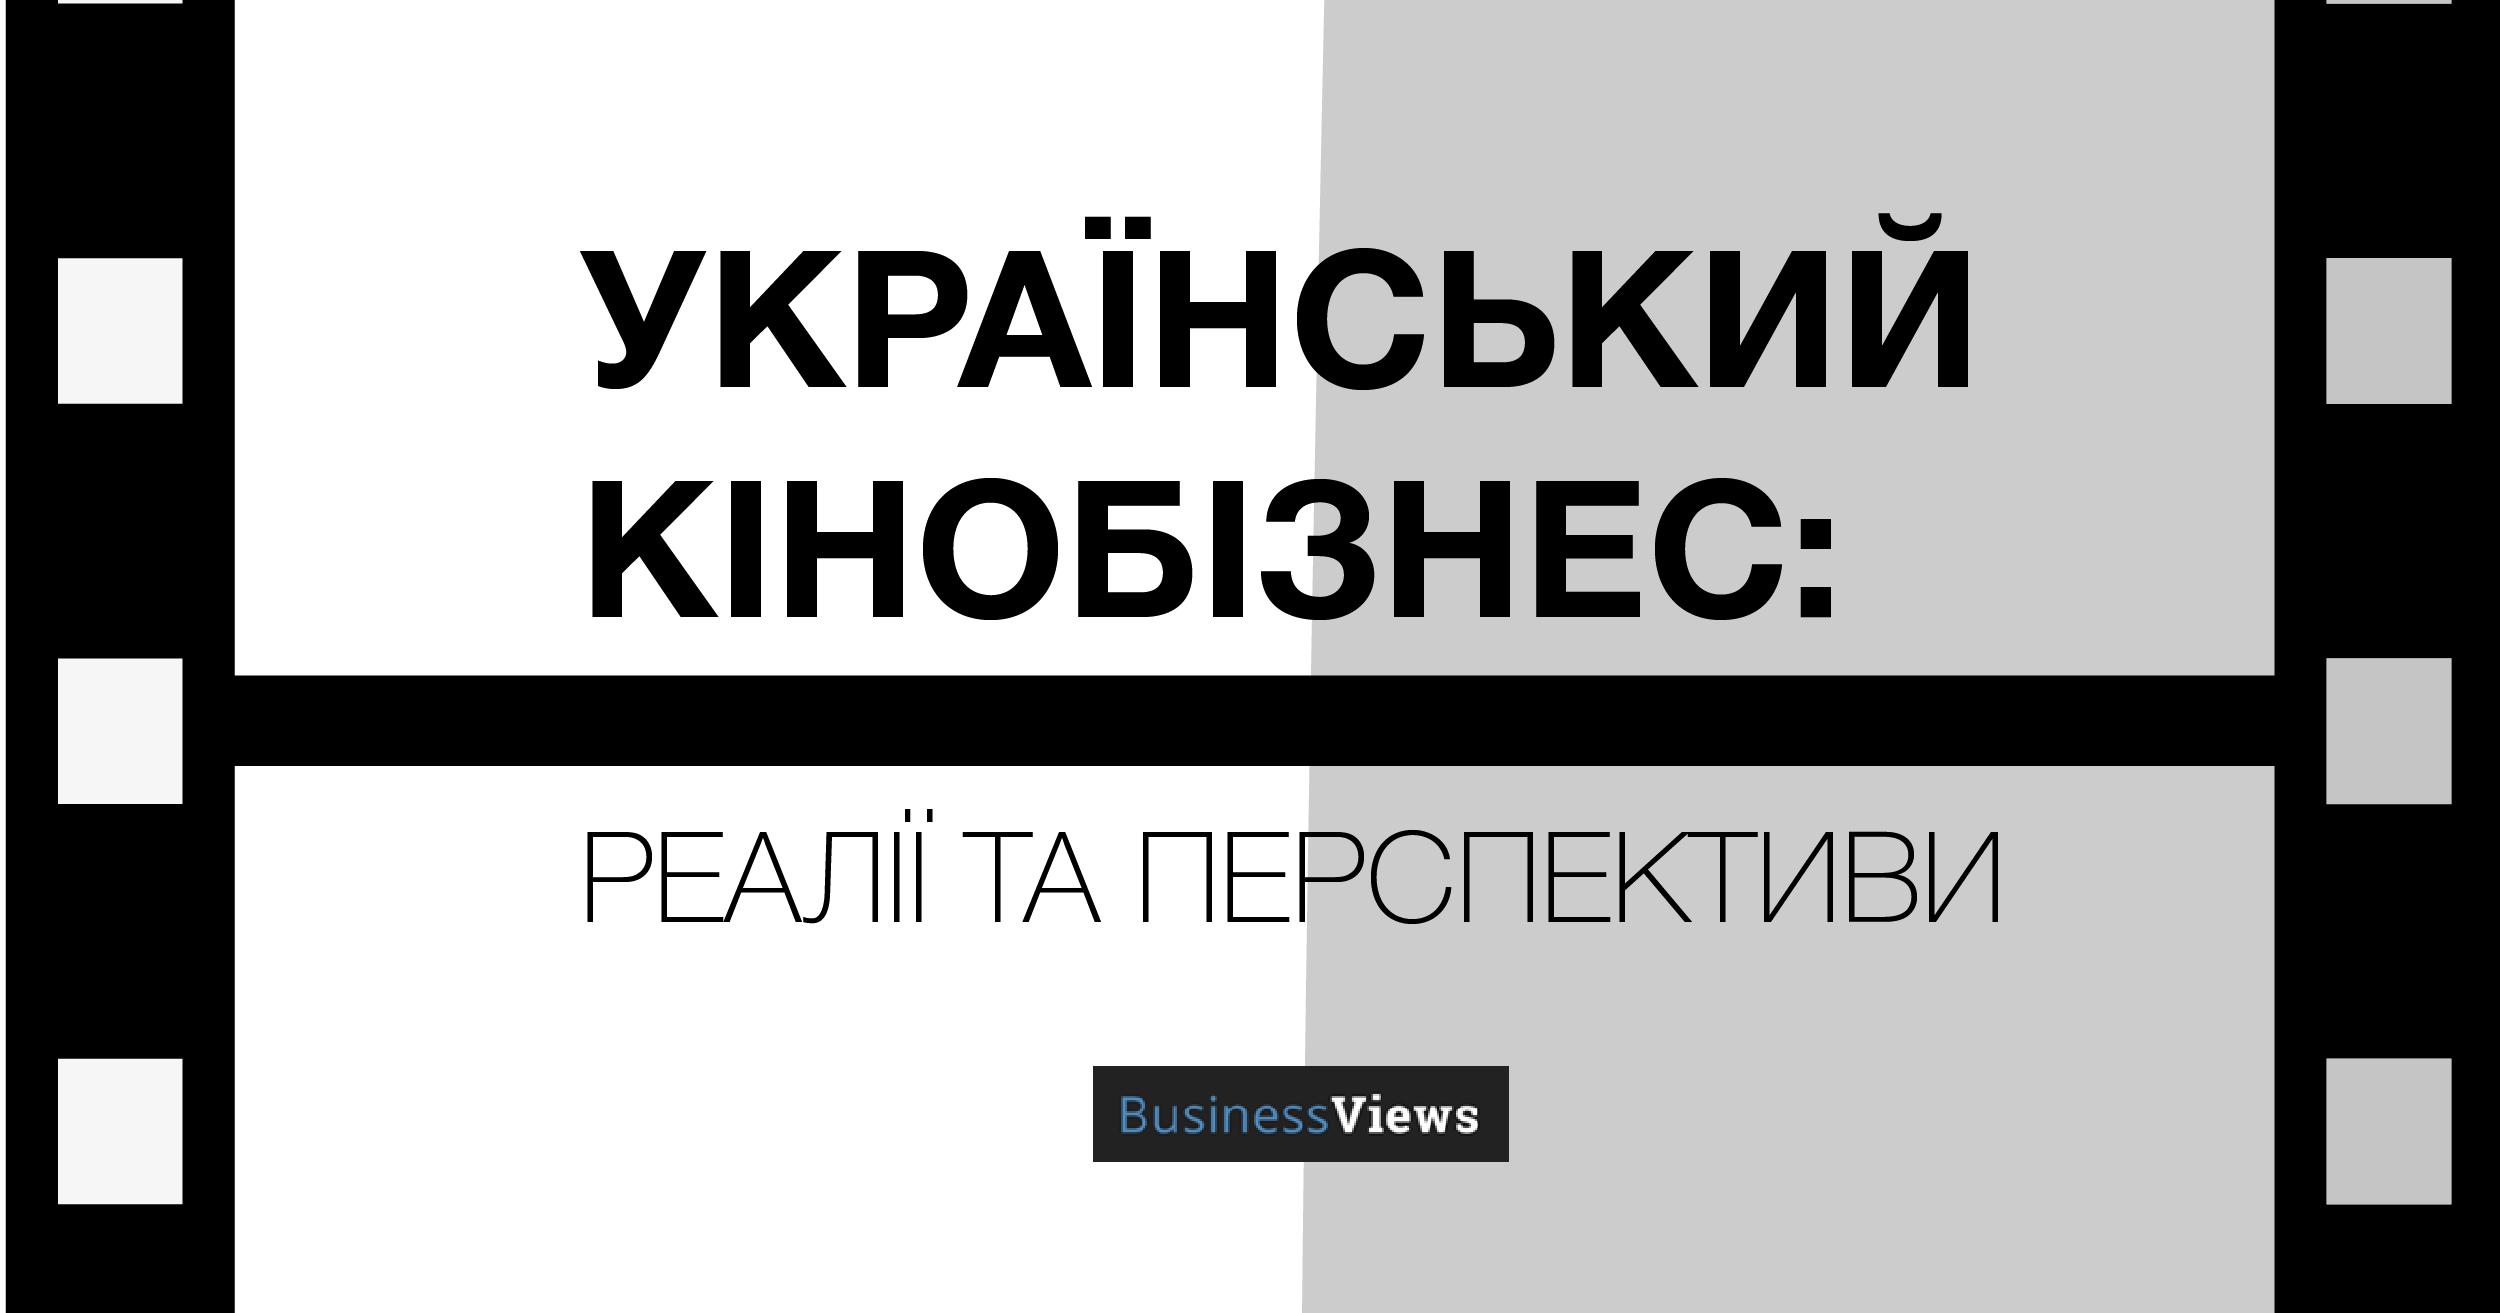 13 фактів про українське кіно: чесний погляд на теперішнє і прогноз на майбутнє